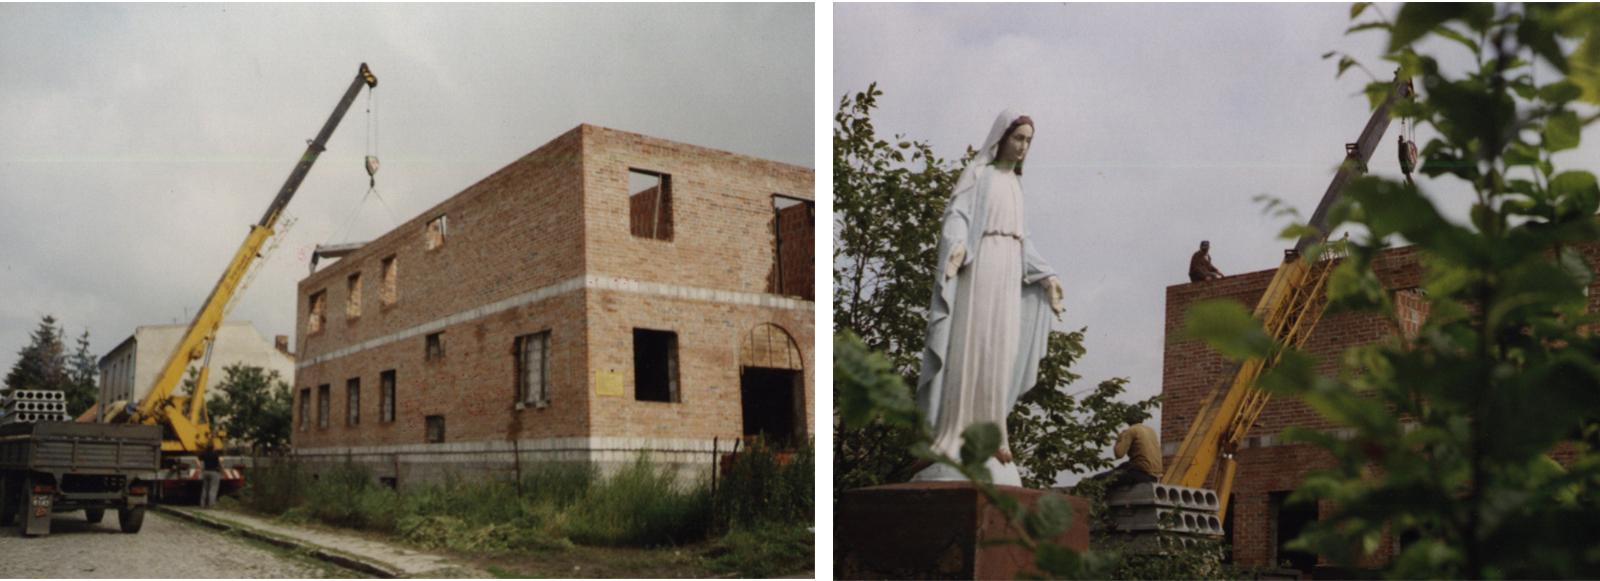 budowa-domu-parafialnego-kornik-3